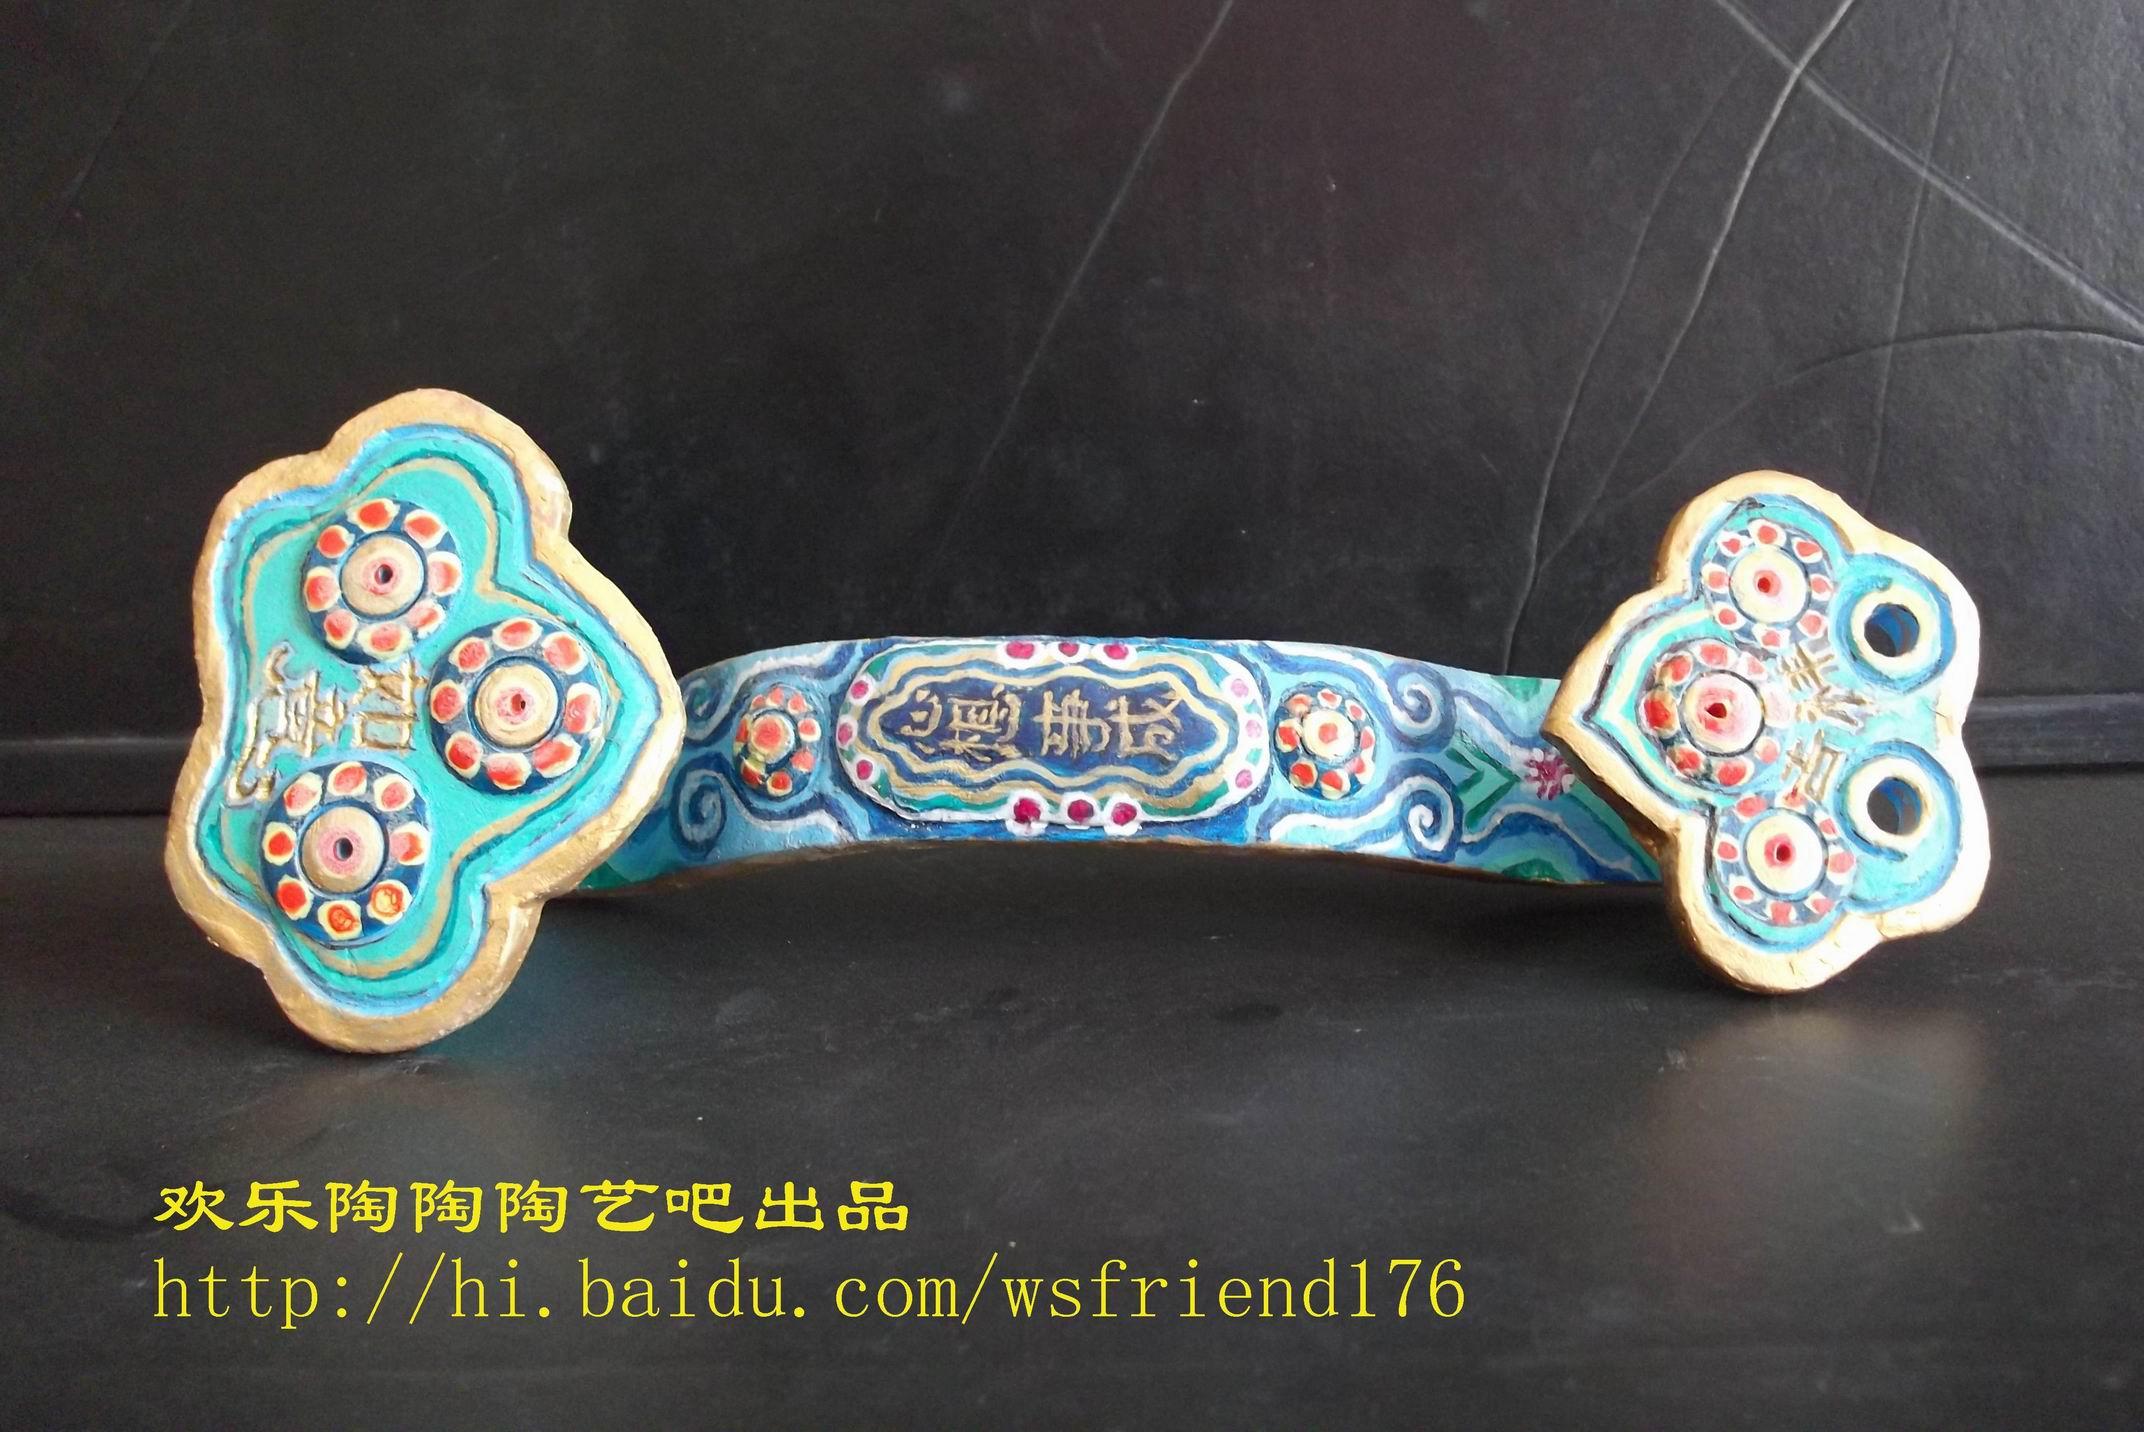 拉坯成型法等技法并学习陶艺的装饰手法